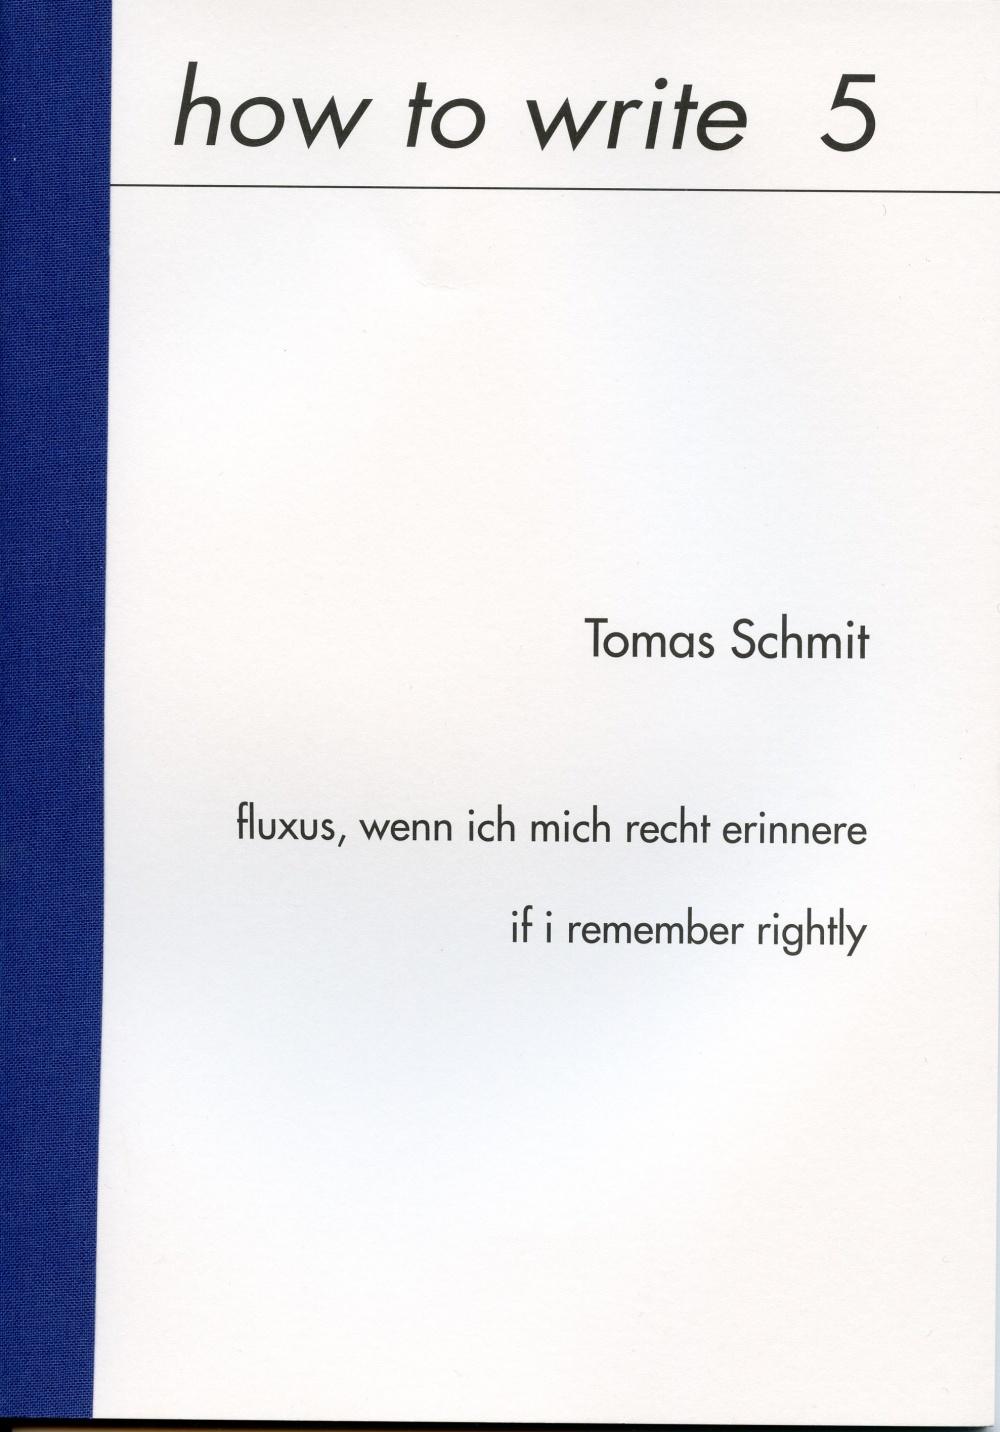 how to write 5   Tomas Schmit, fluxus, wenn ich mich recht erinn